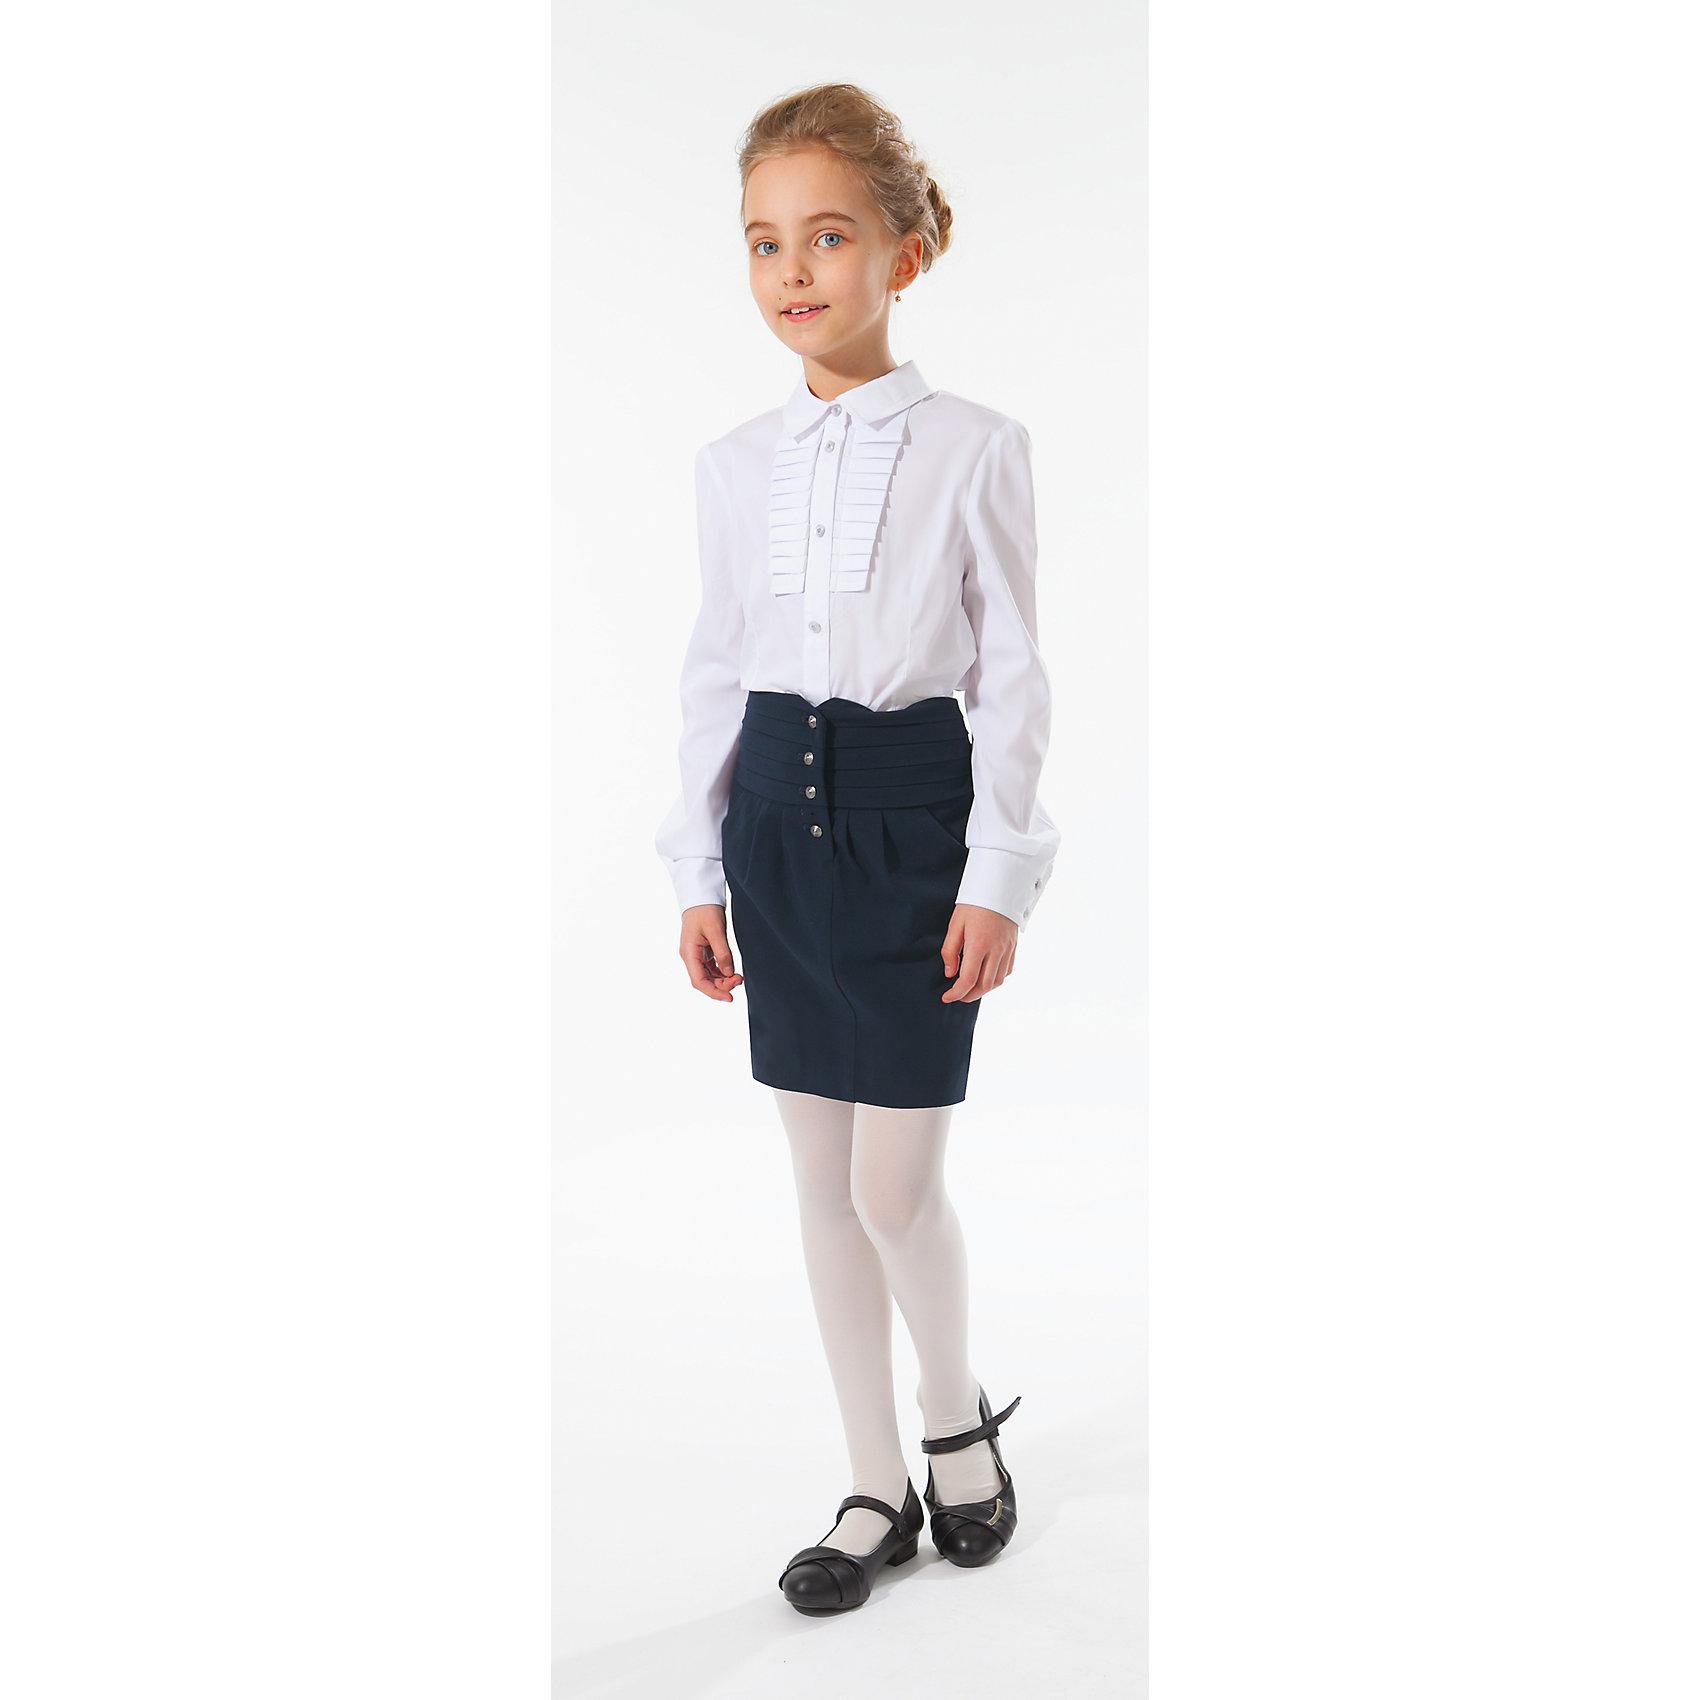 Блузка для девочки Silver SpoonБлузки и рубашки<br>Блузка для девочки Silver Spoon (Сильвер Спун) - отличный вариант для маленьких школьниц. Симпатичная модная блузка позволит создать свой оригинальный образ и чувствовать себя комфортно на протяжении всего дня занятий. Модель из хлопка очень легкая и приятная на ощупь, не сковывает движений, не раздражает кожу и позволяет ей дышать. У блузки приталенный силуэт, длинные рукава с манжетами на пуговицах, отложной воротничок, спереди застегивается на пуговицы. Модель декорирована на груди нарядной вставкой с рюшами. Классический покрой позволяет использовать блузку в различных сочетаниях - с юбкой, брюками, костюмом и другими вещами школьного гардероба. Все модели Сильвер Спун предназначены для повседневного интенсивного использования и выполнены из прочных тканей, которые позволяют вещам выглядеть великолепно на протяжении длительного срока эксплуатации. Стирка при температуре 30°С, гладить при температуре до 150°С.<br><br>Дополнительная информация:<br><br>- Цвет: белый.<br>- Материал: 71% хлопок, 25% полиамид, 4% спандекс.<br> <br>Блузку для девочки, Silver Spoon (Сильвер Спун), можно купить в нашем интернет-магазине.<br><br>Ширина мм: 186<br>Глубина мм: 87<br>Высота мм: 198<br>Вес г: 197<br>Цвет: белый<br>Возраст от месяцев: 132<br>Возраст до месяцев: 144<br>Пол: Женский<br>Возраст: Детский<br>Размер: 152,134,158,128,146,140<br>SKU: 4145913